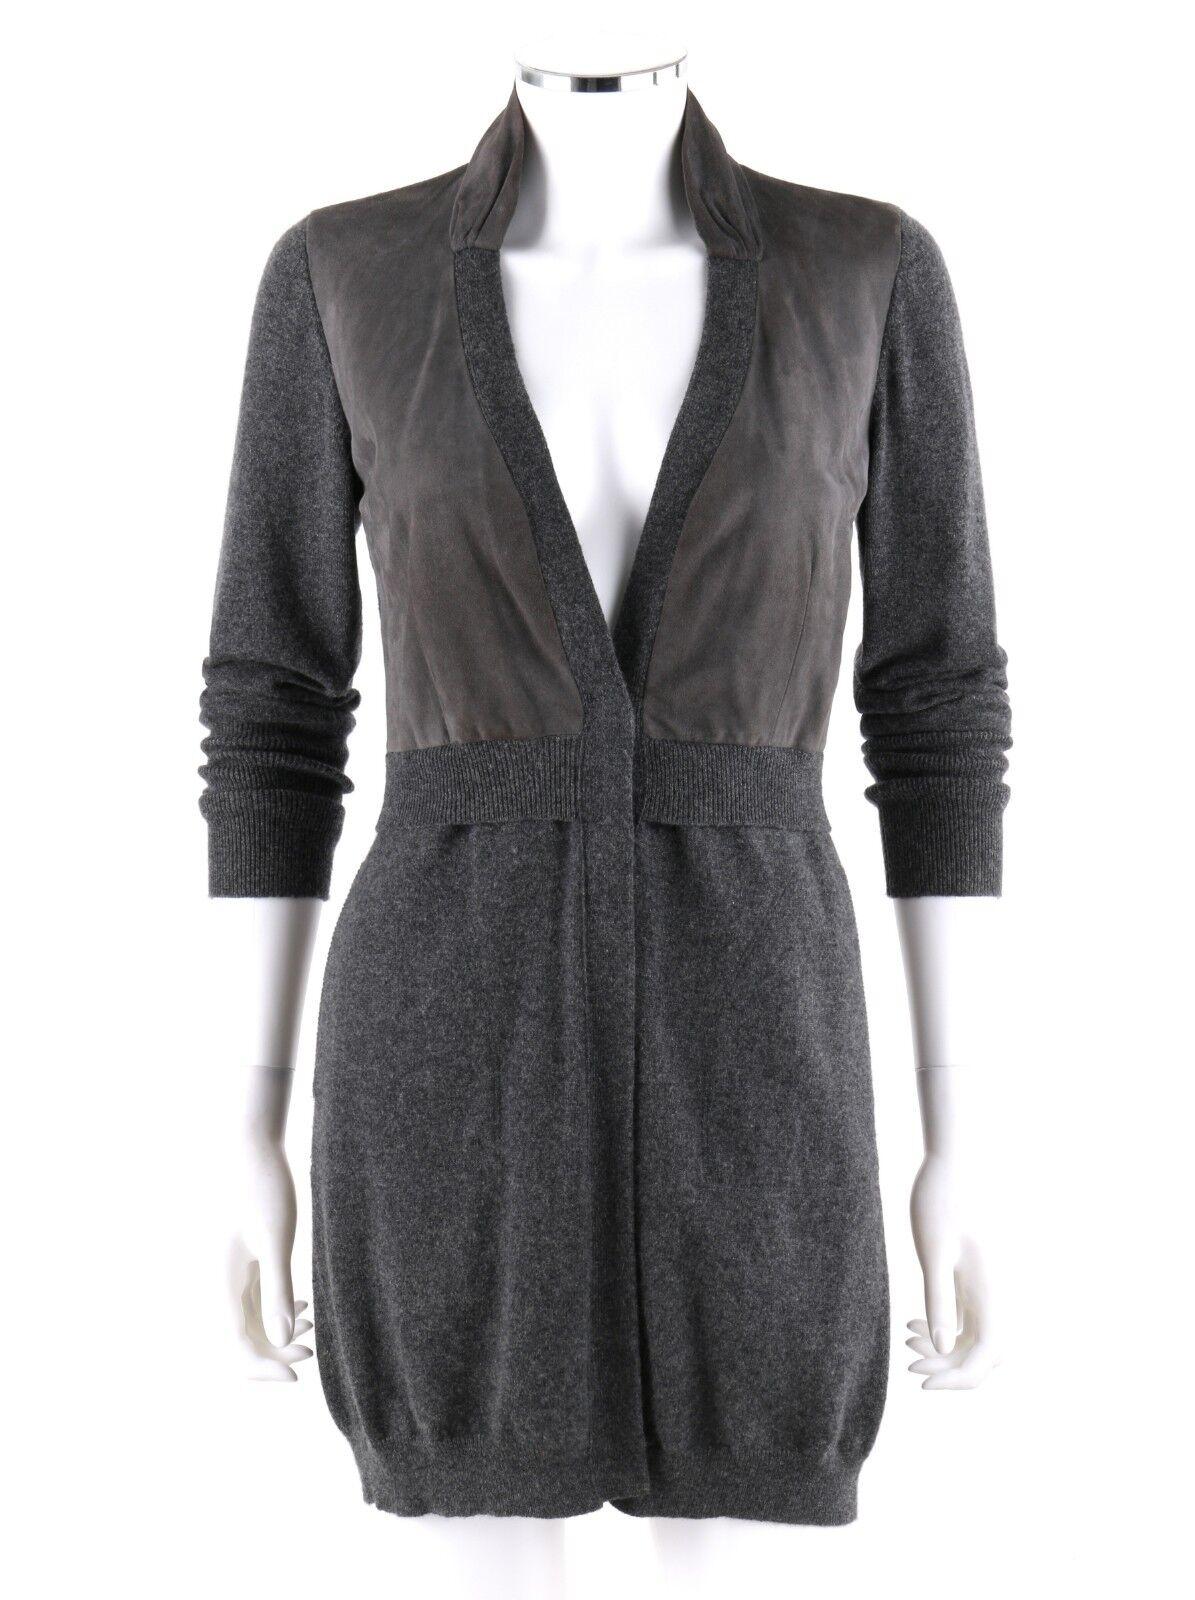 BRUNELLO CUCINELLI Cashmere Charcoal Gray Knit Sue